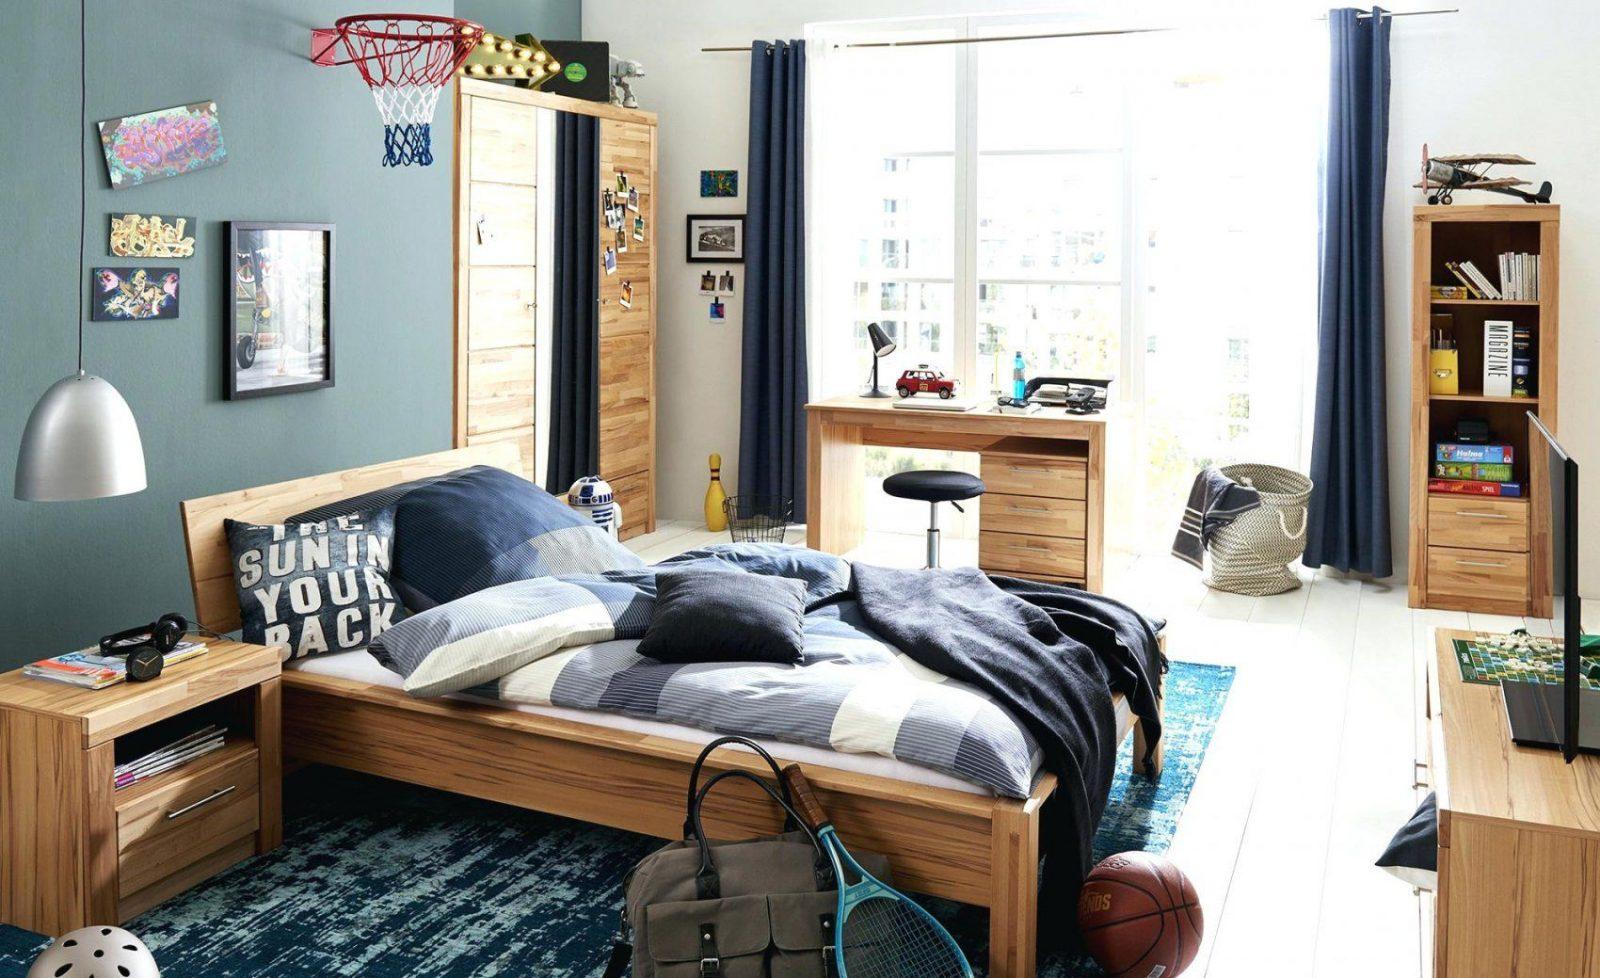 Bezaubernd Jugendzimmer Jungs Ideen Von Ikea Modern Avec Kinderzimmer Ideen Ikea Et